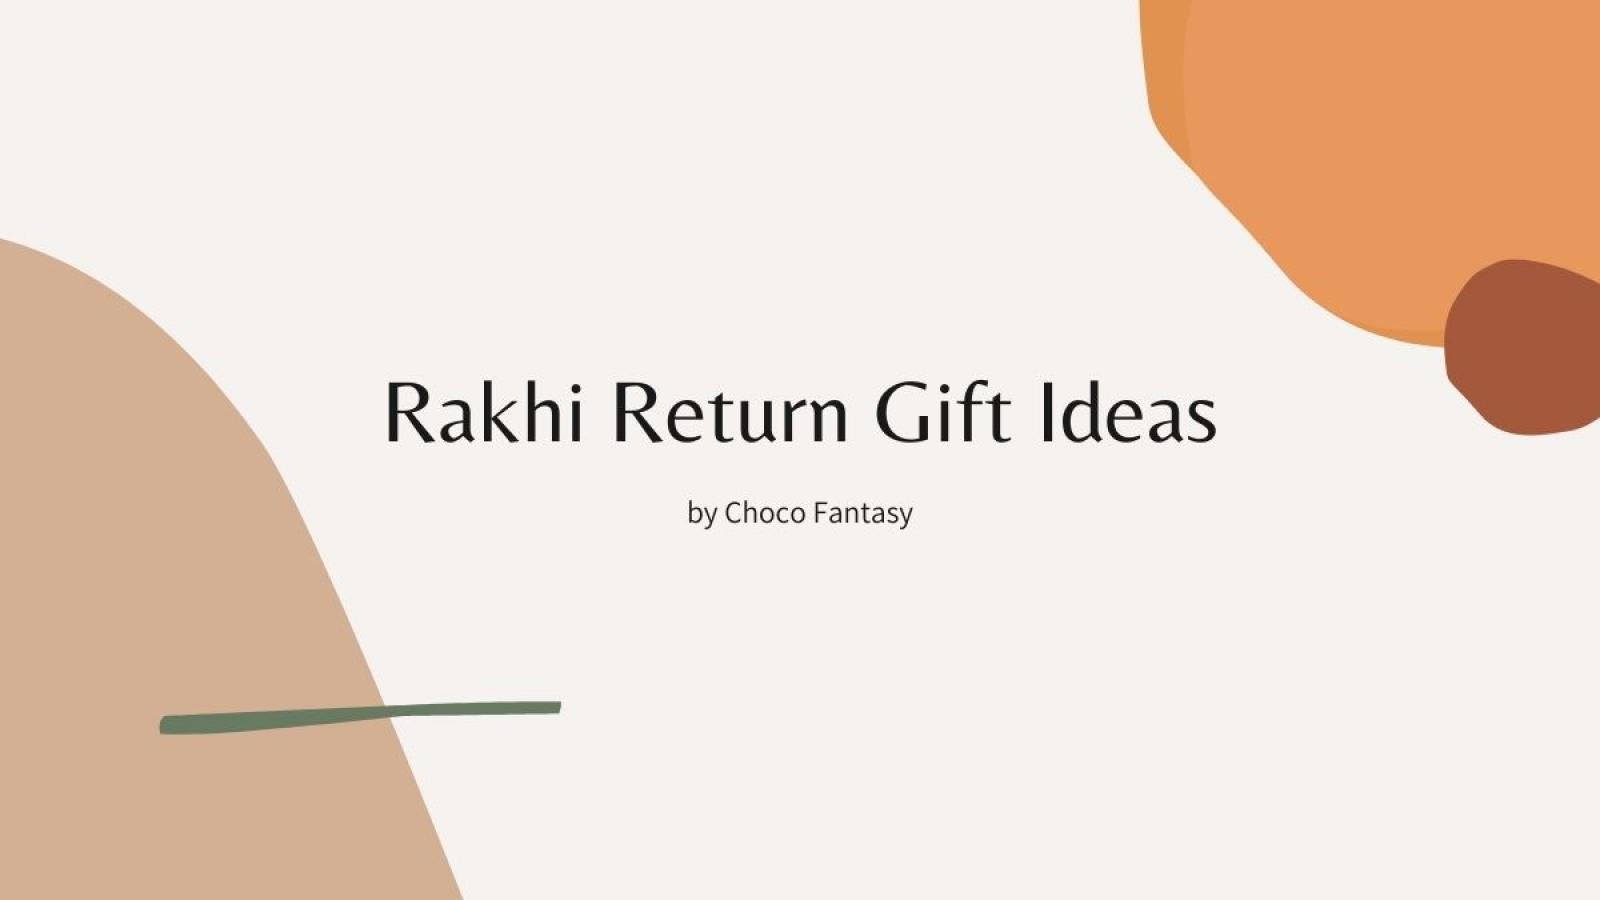 Rakhi Return Gift Ideas